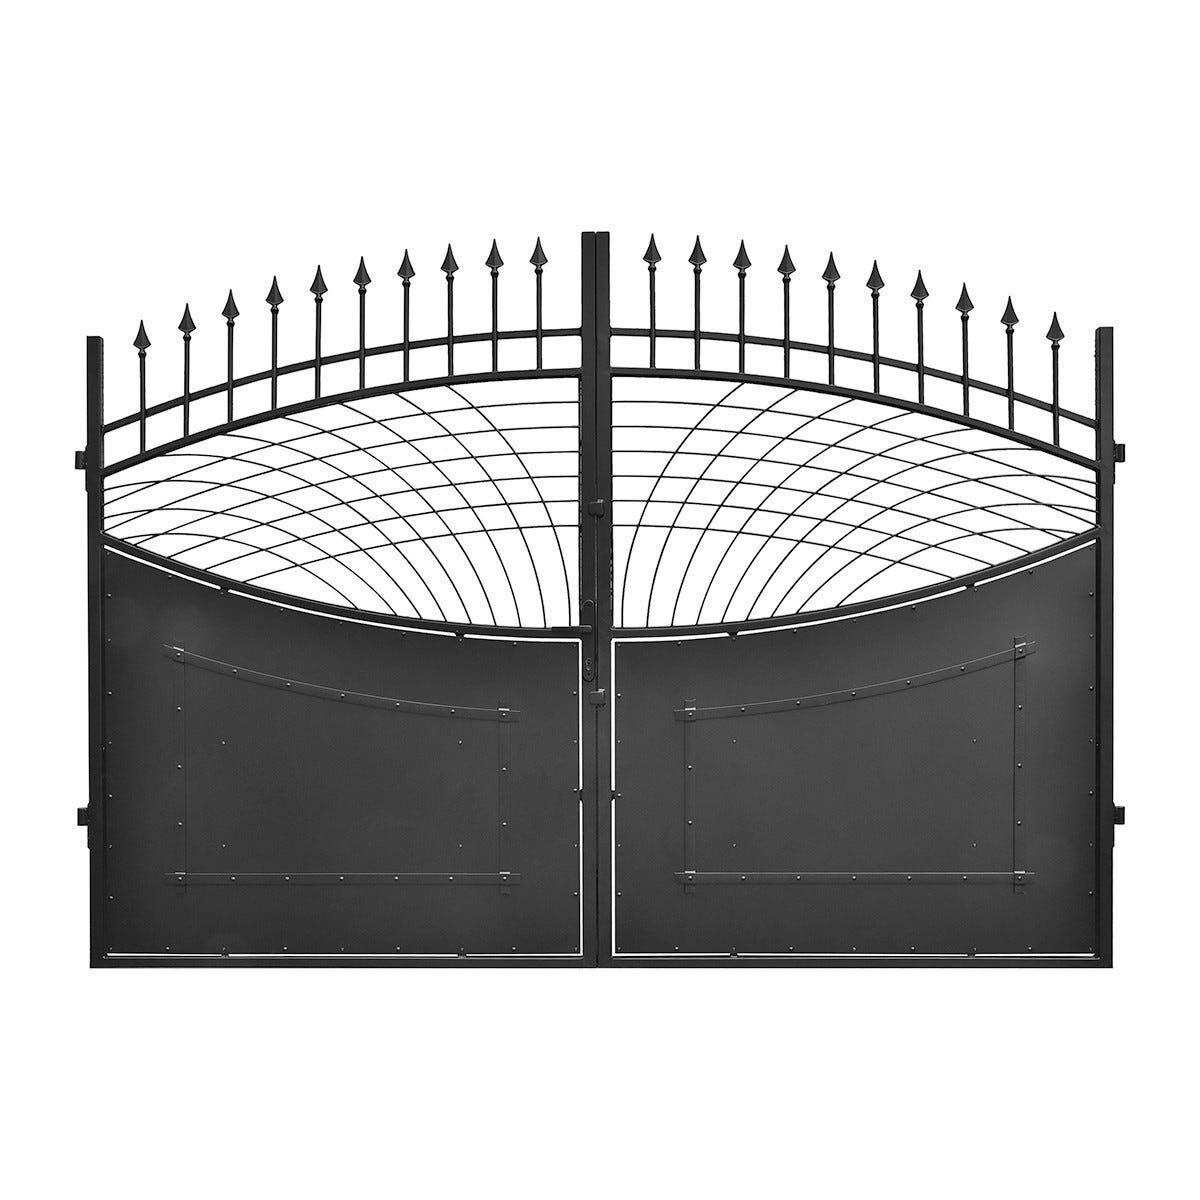 Cancello Camelot 300x120 Cm (Lxh) Zincato Verniciato Nero Galvanizzazione A Fuoco